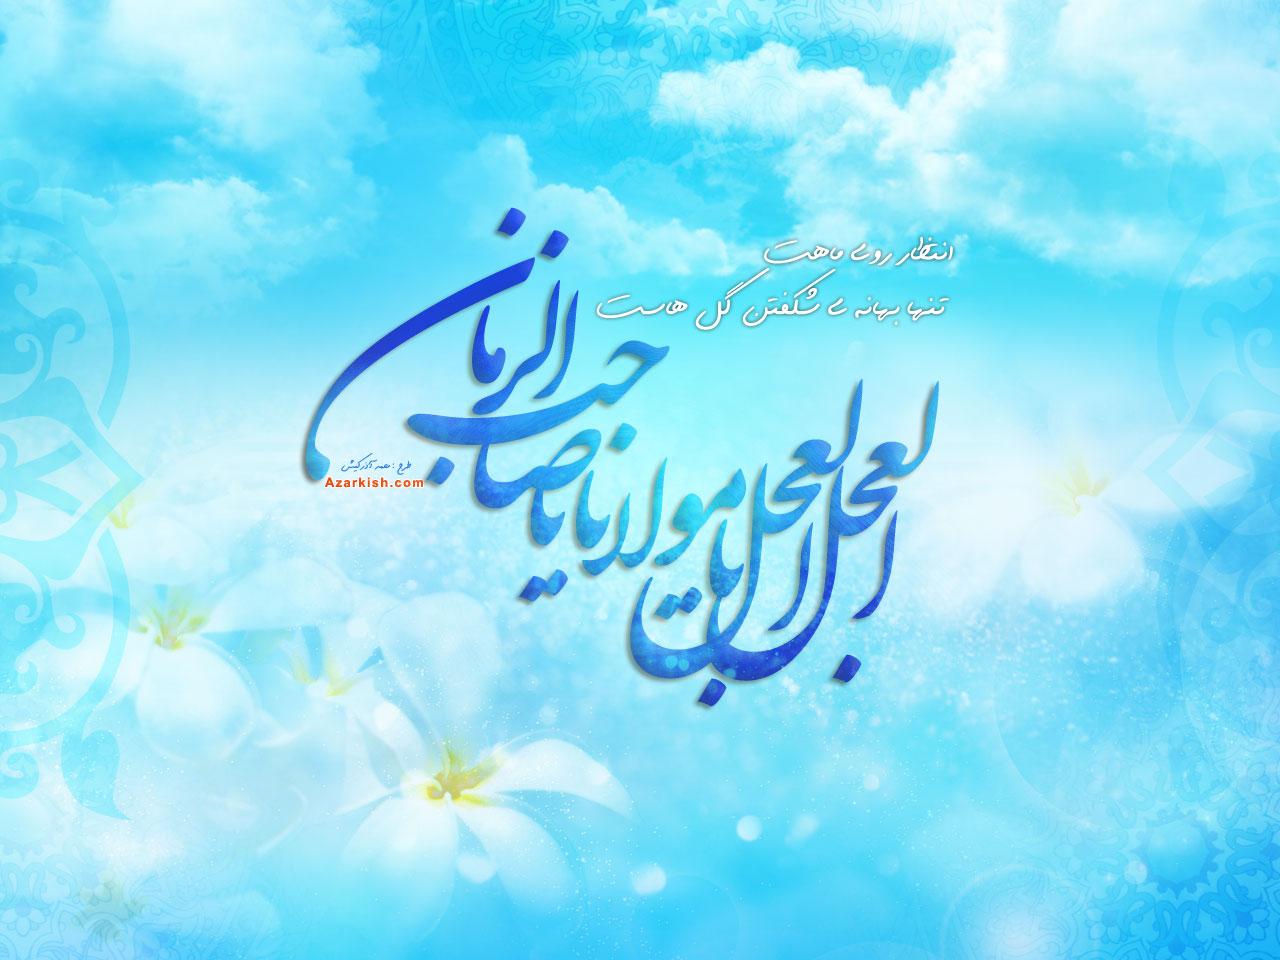 امام زمان عج الله - طرح : محمد آذرکیش